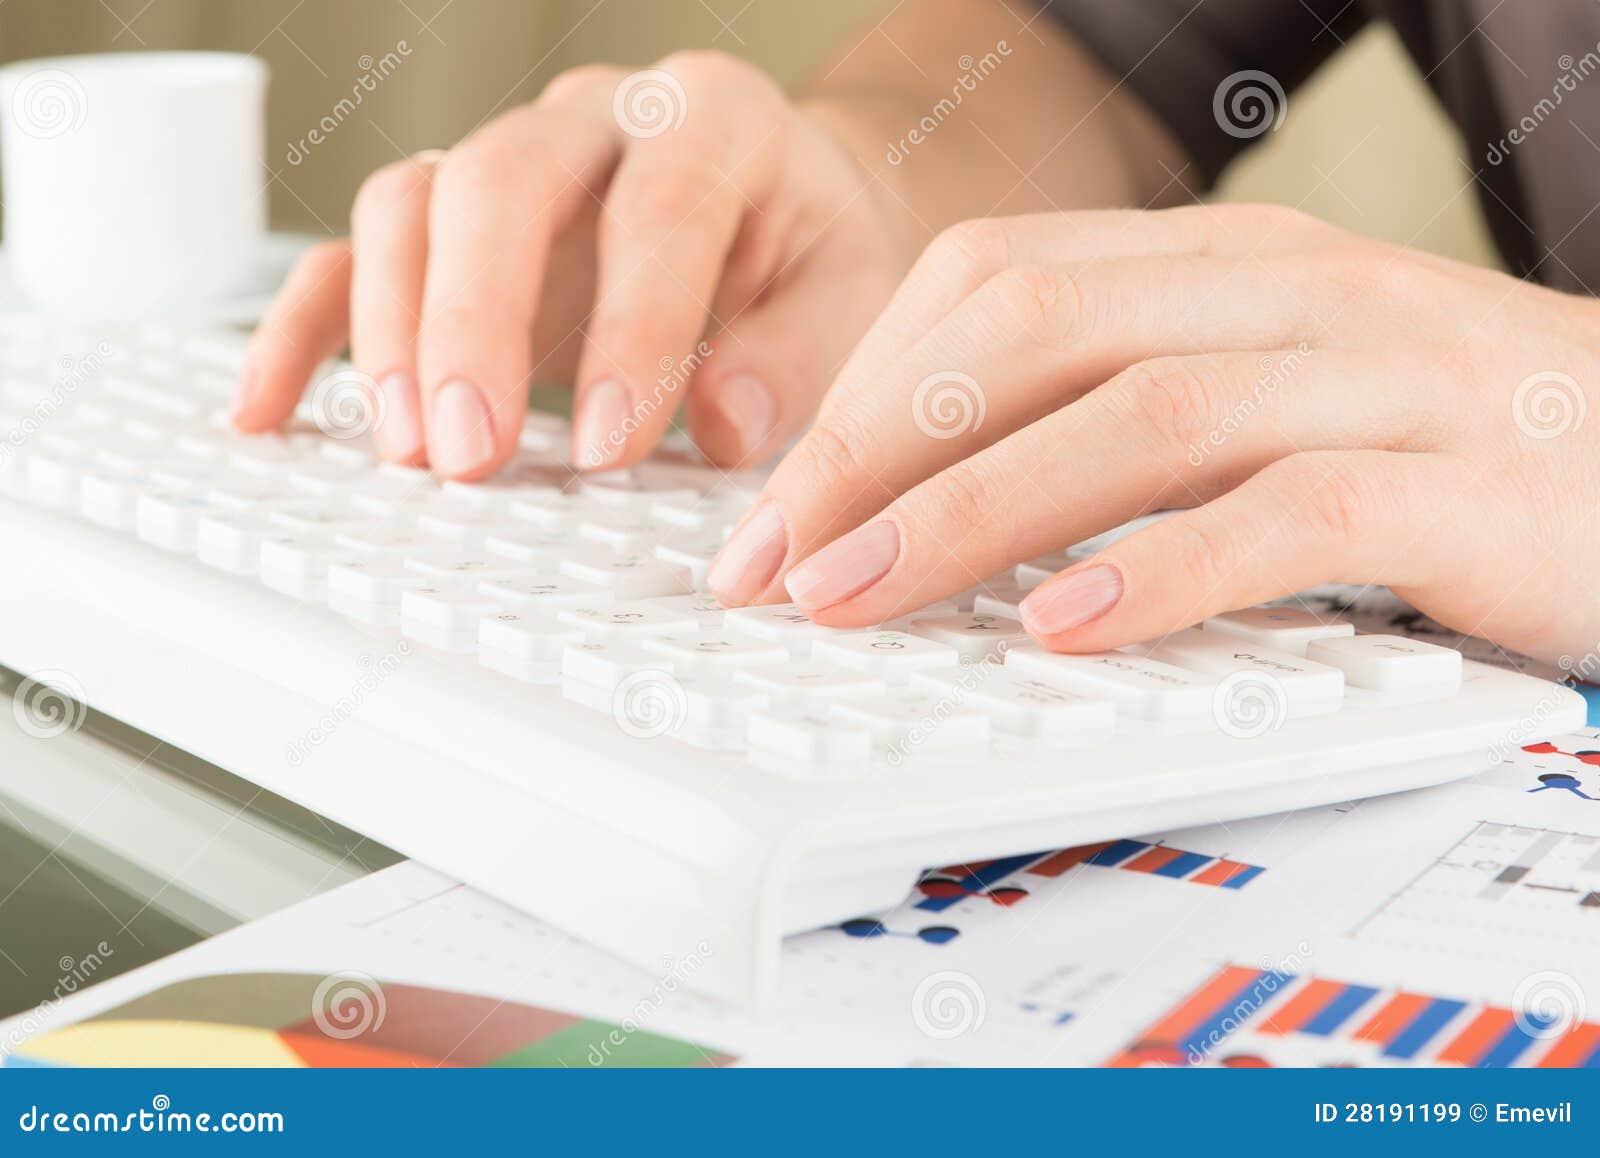 Taper sur le clavier. Mains de femme, vue proche